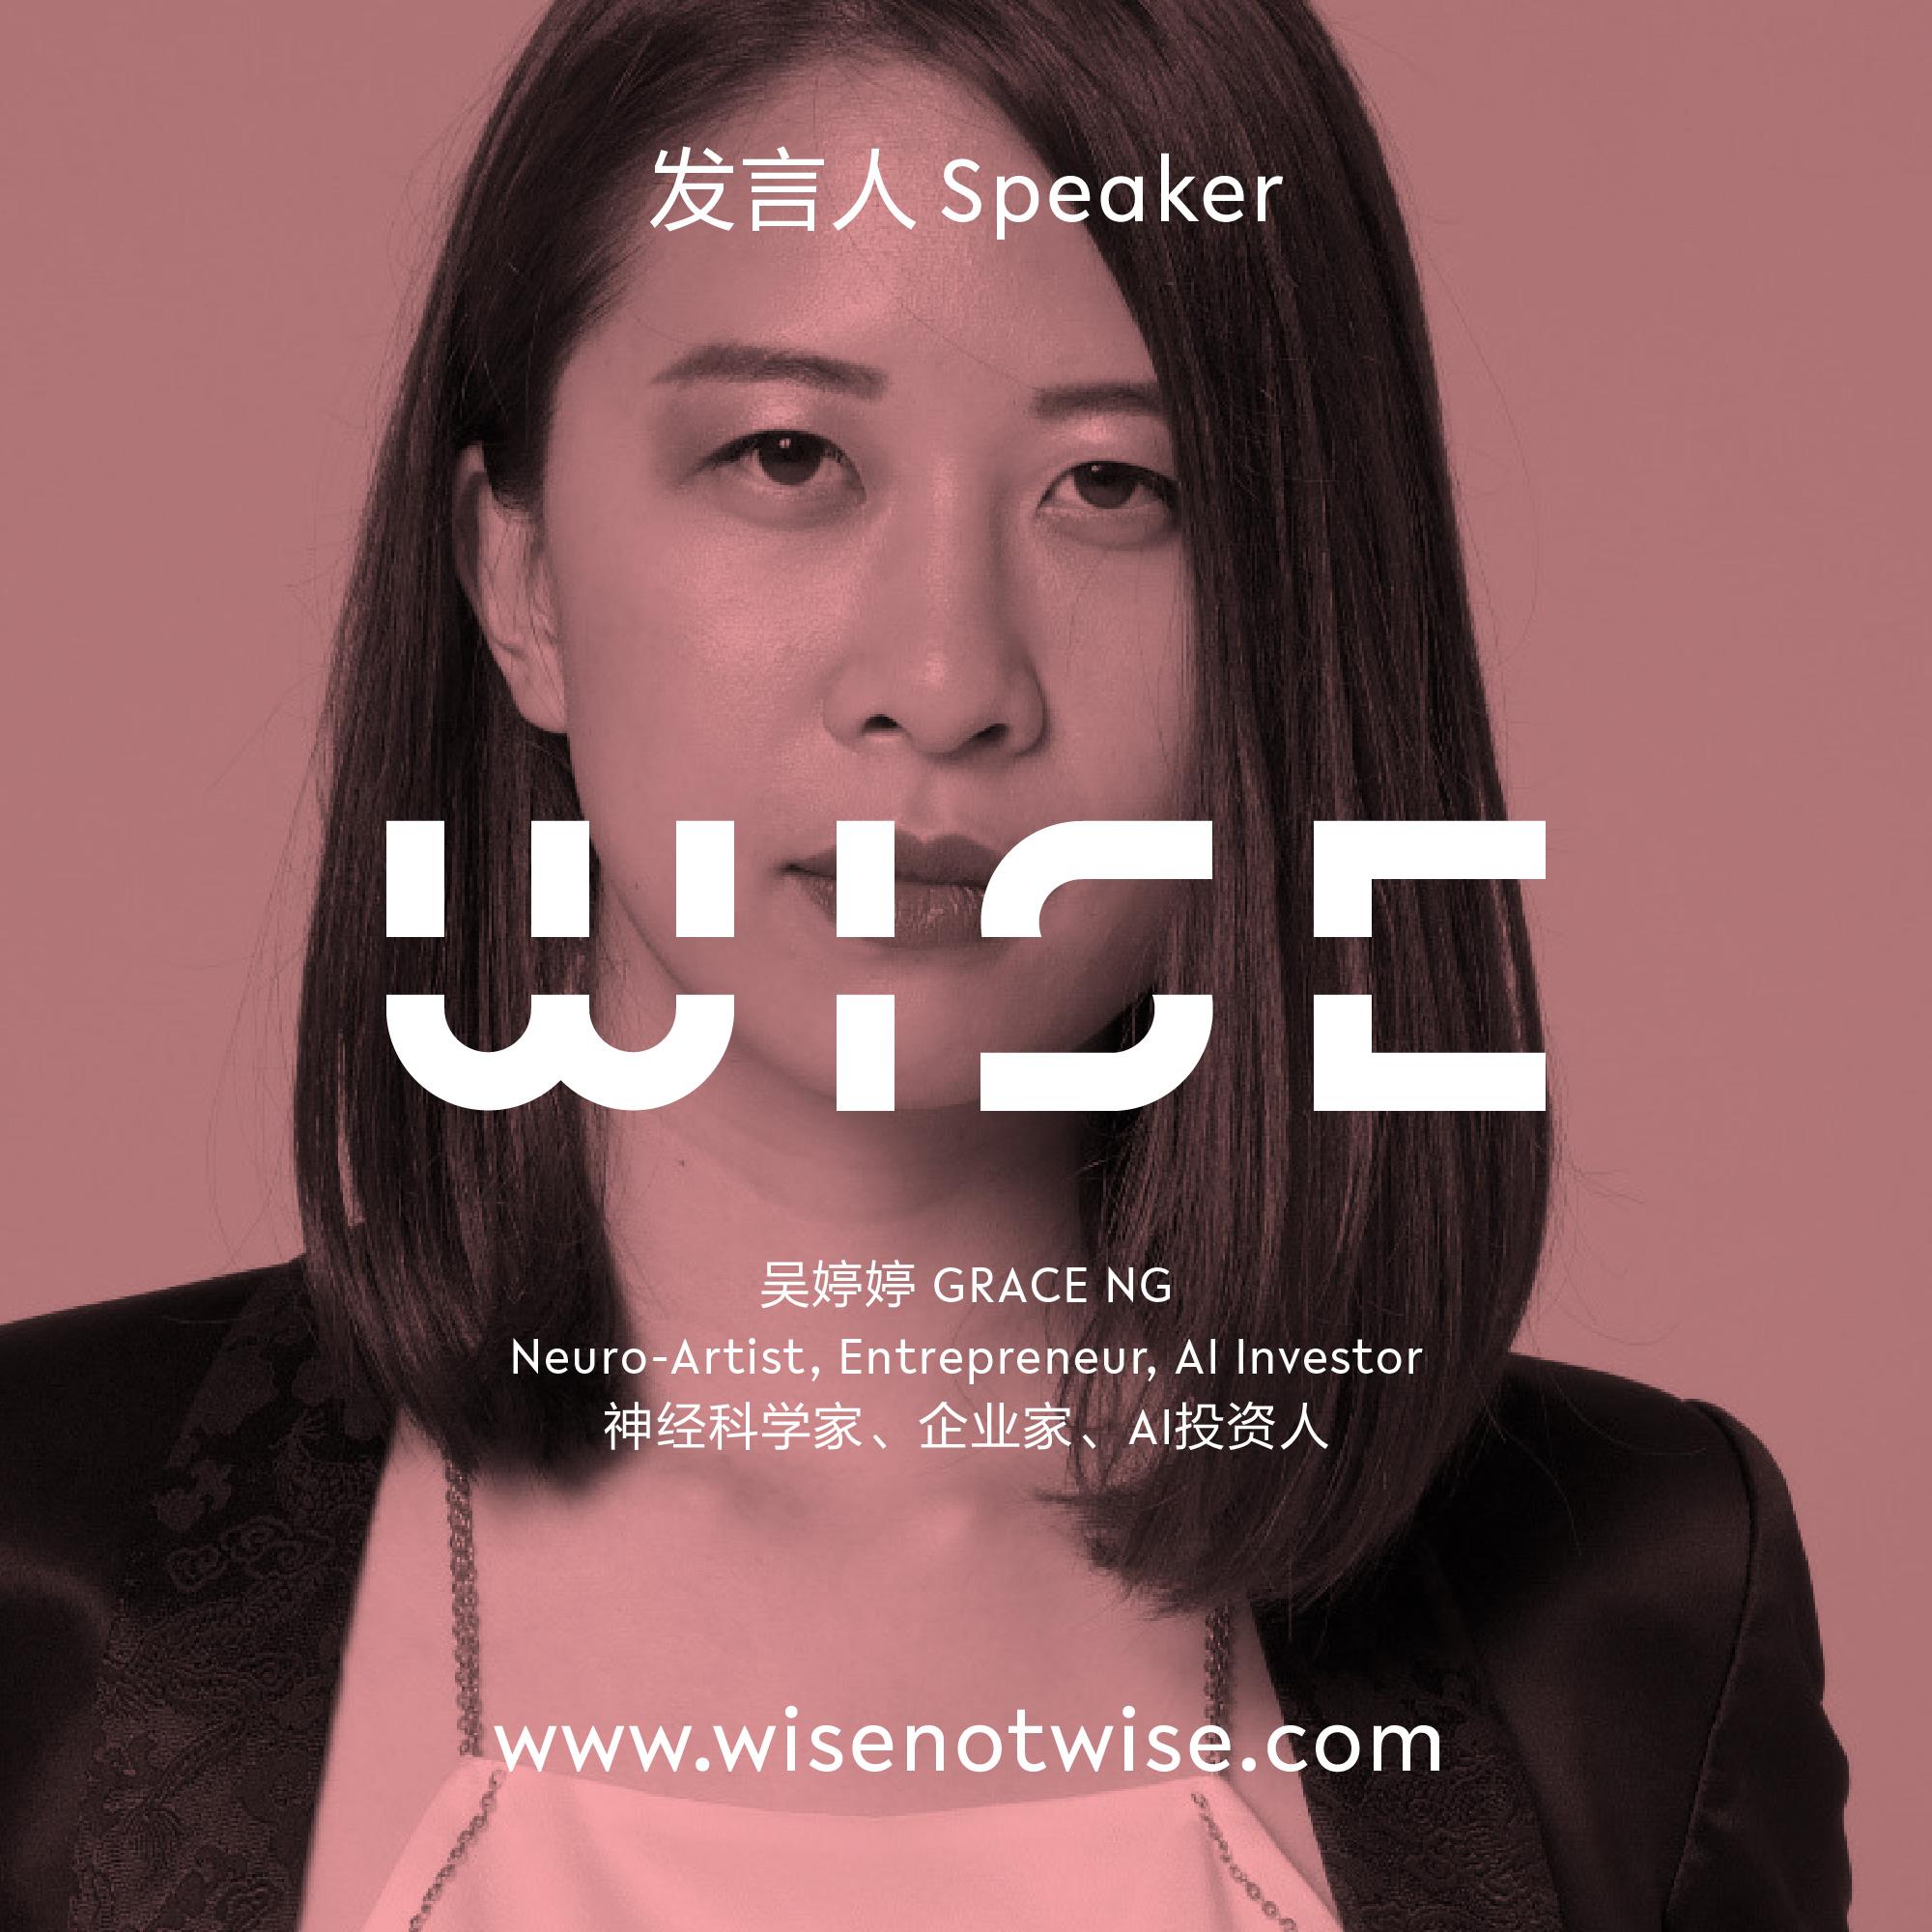 Grace Ng, Neuro-Artist, A.I. Investor